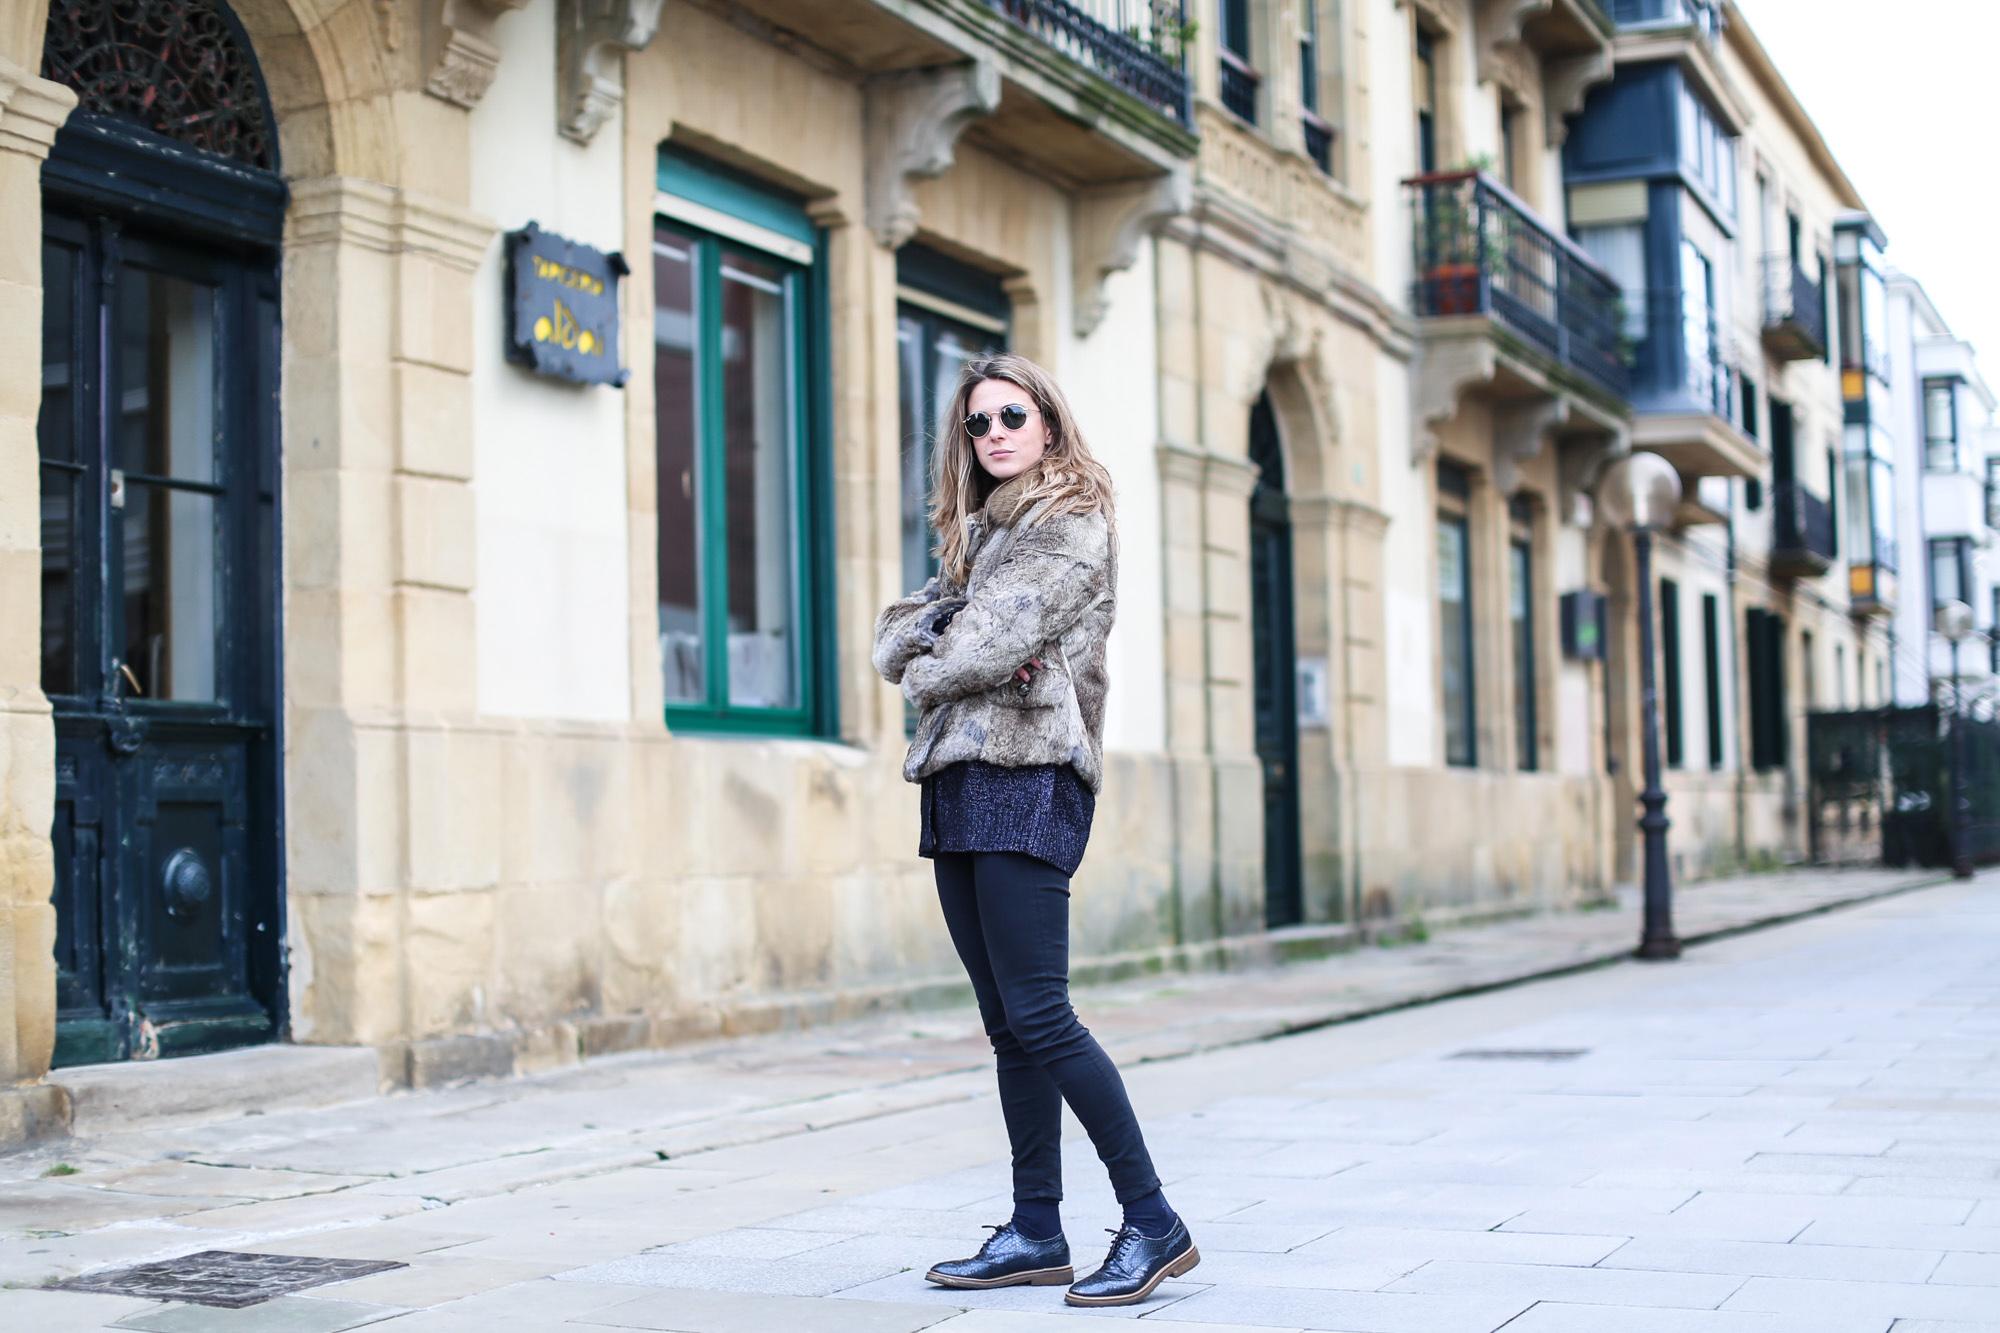 Clochet_streestyle_fashionblogger_topshopjamiejeans_zaranavyglitterknit_furcoat